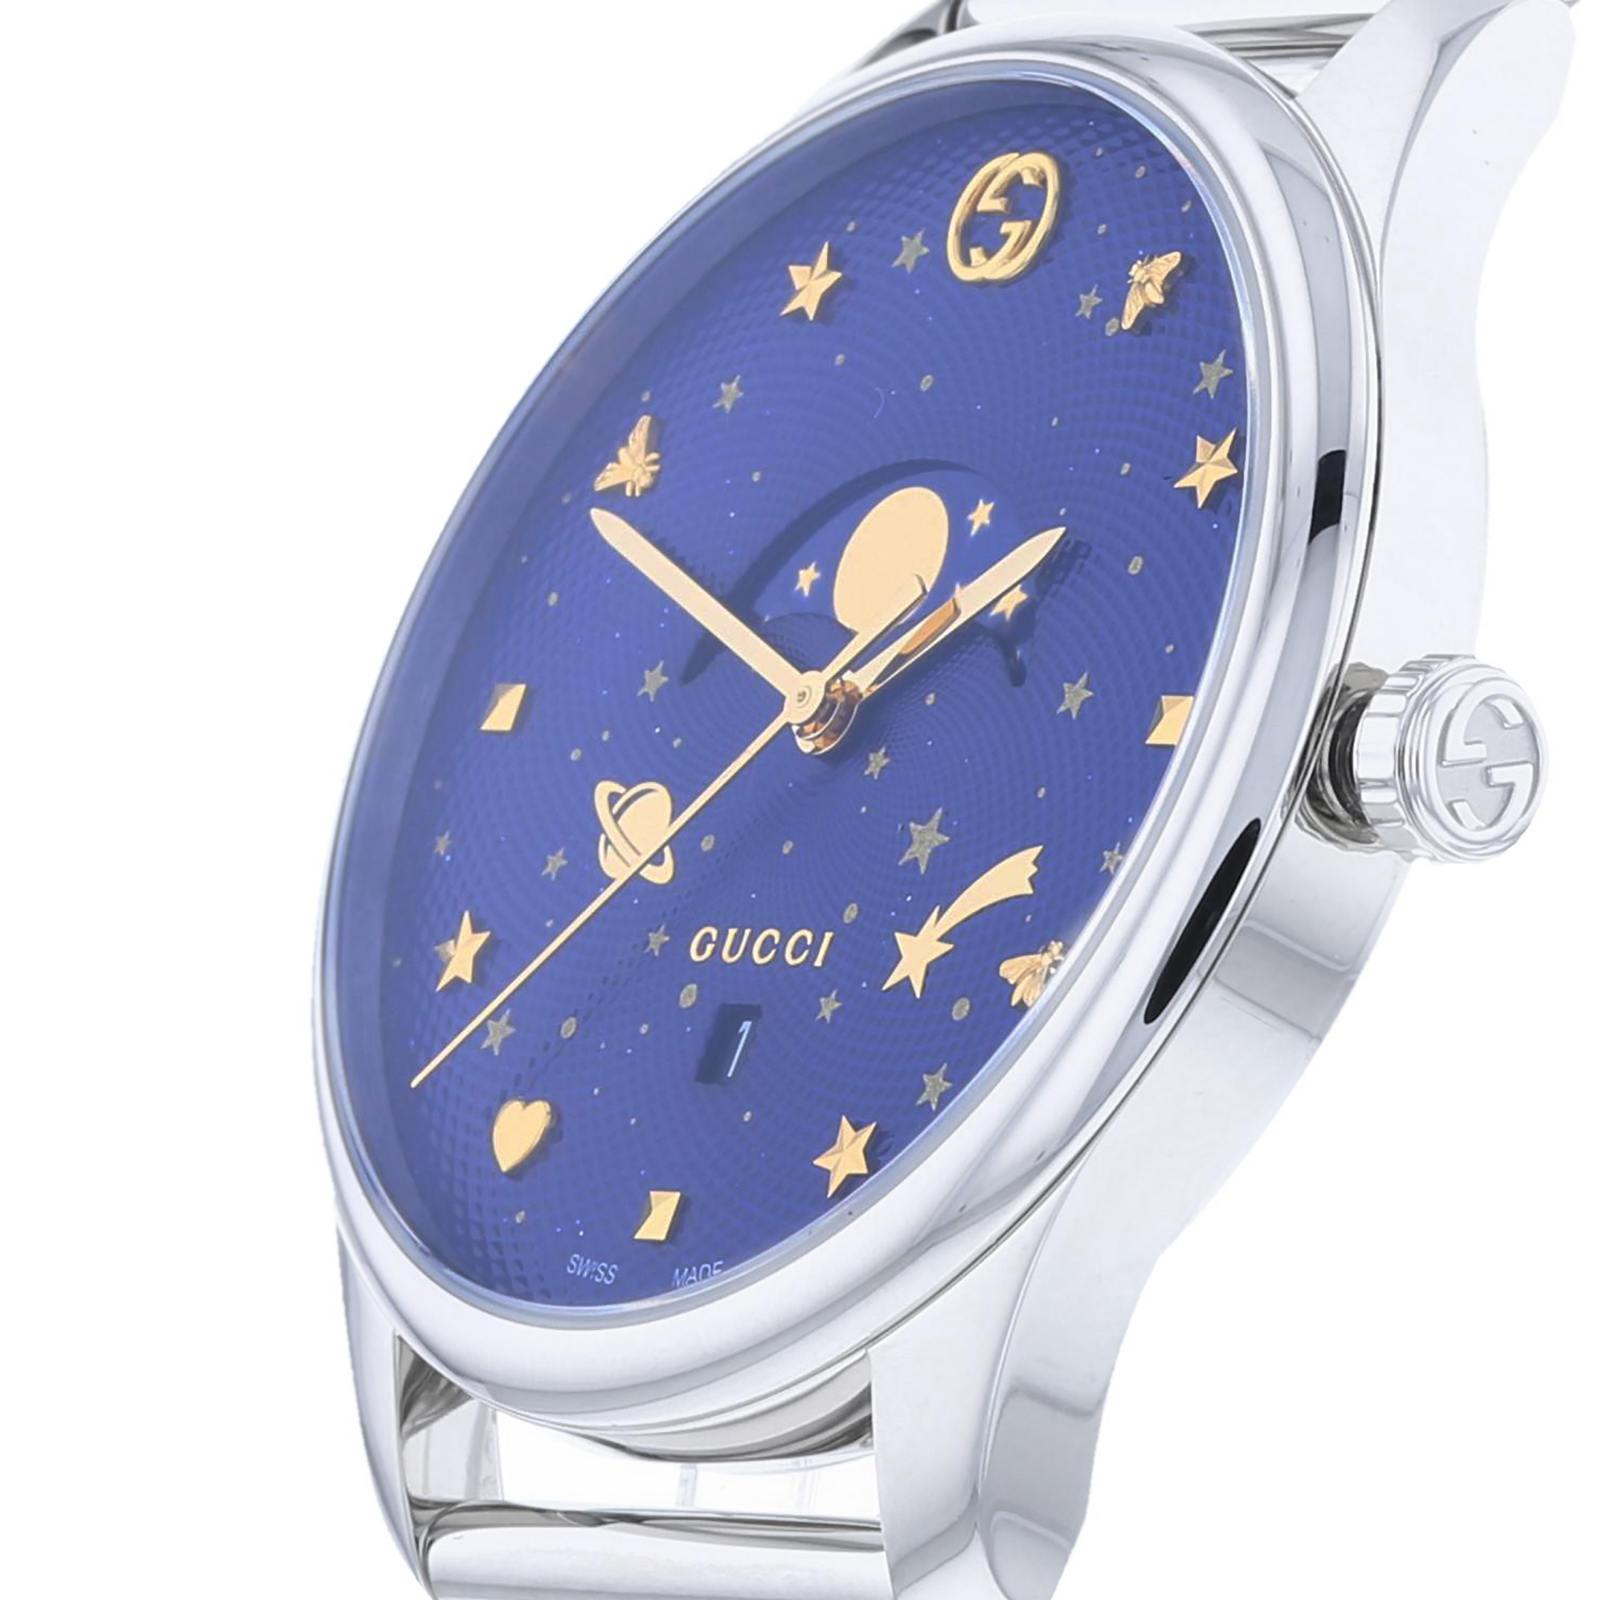 đồng hồ chính hãng gucci